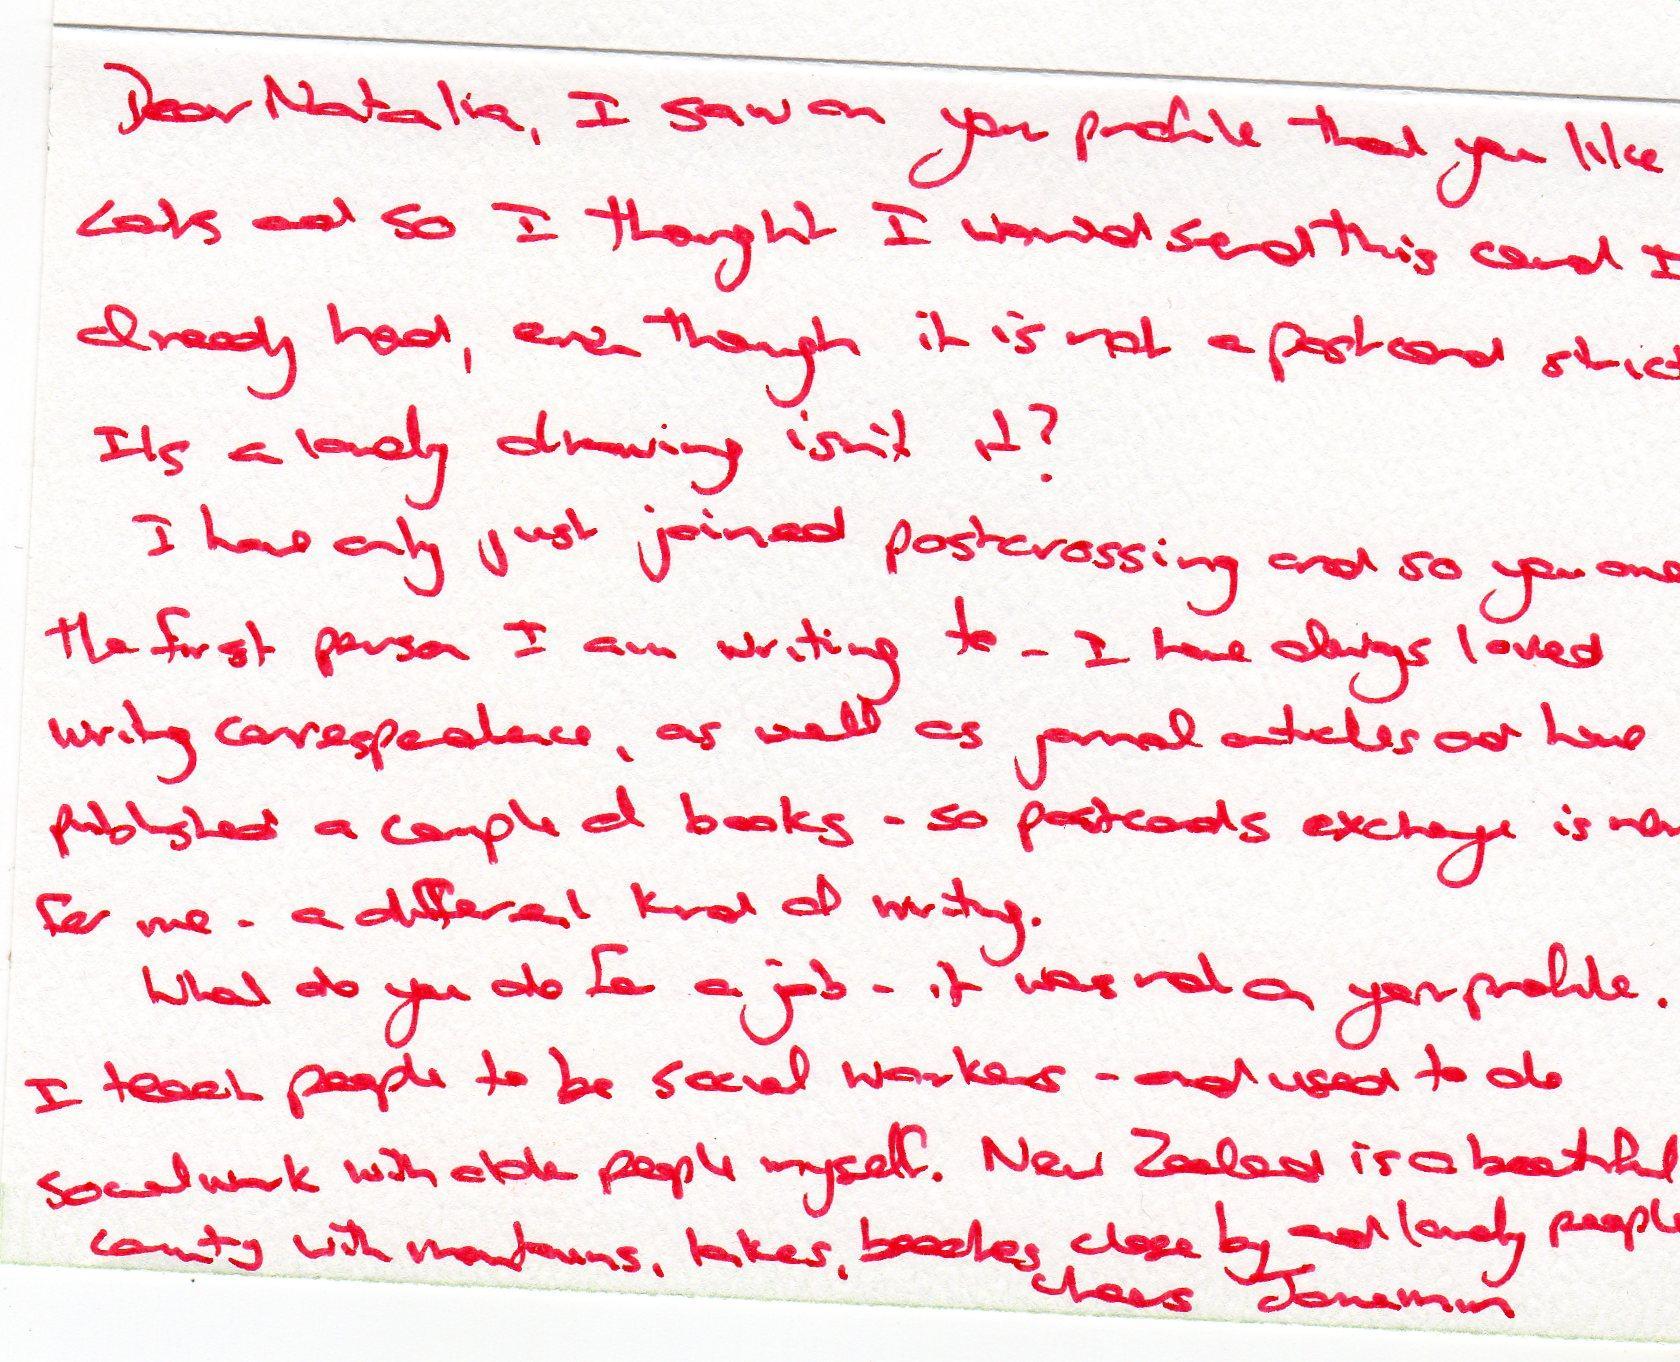 Красивый почерк на открытках